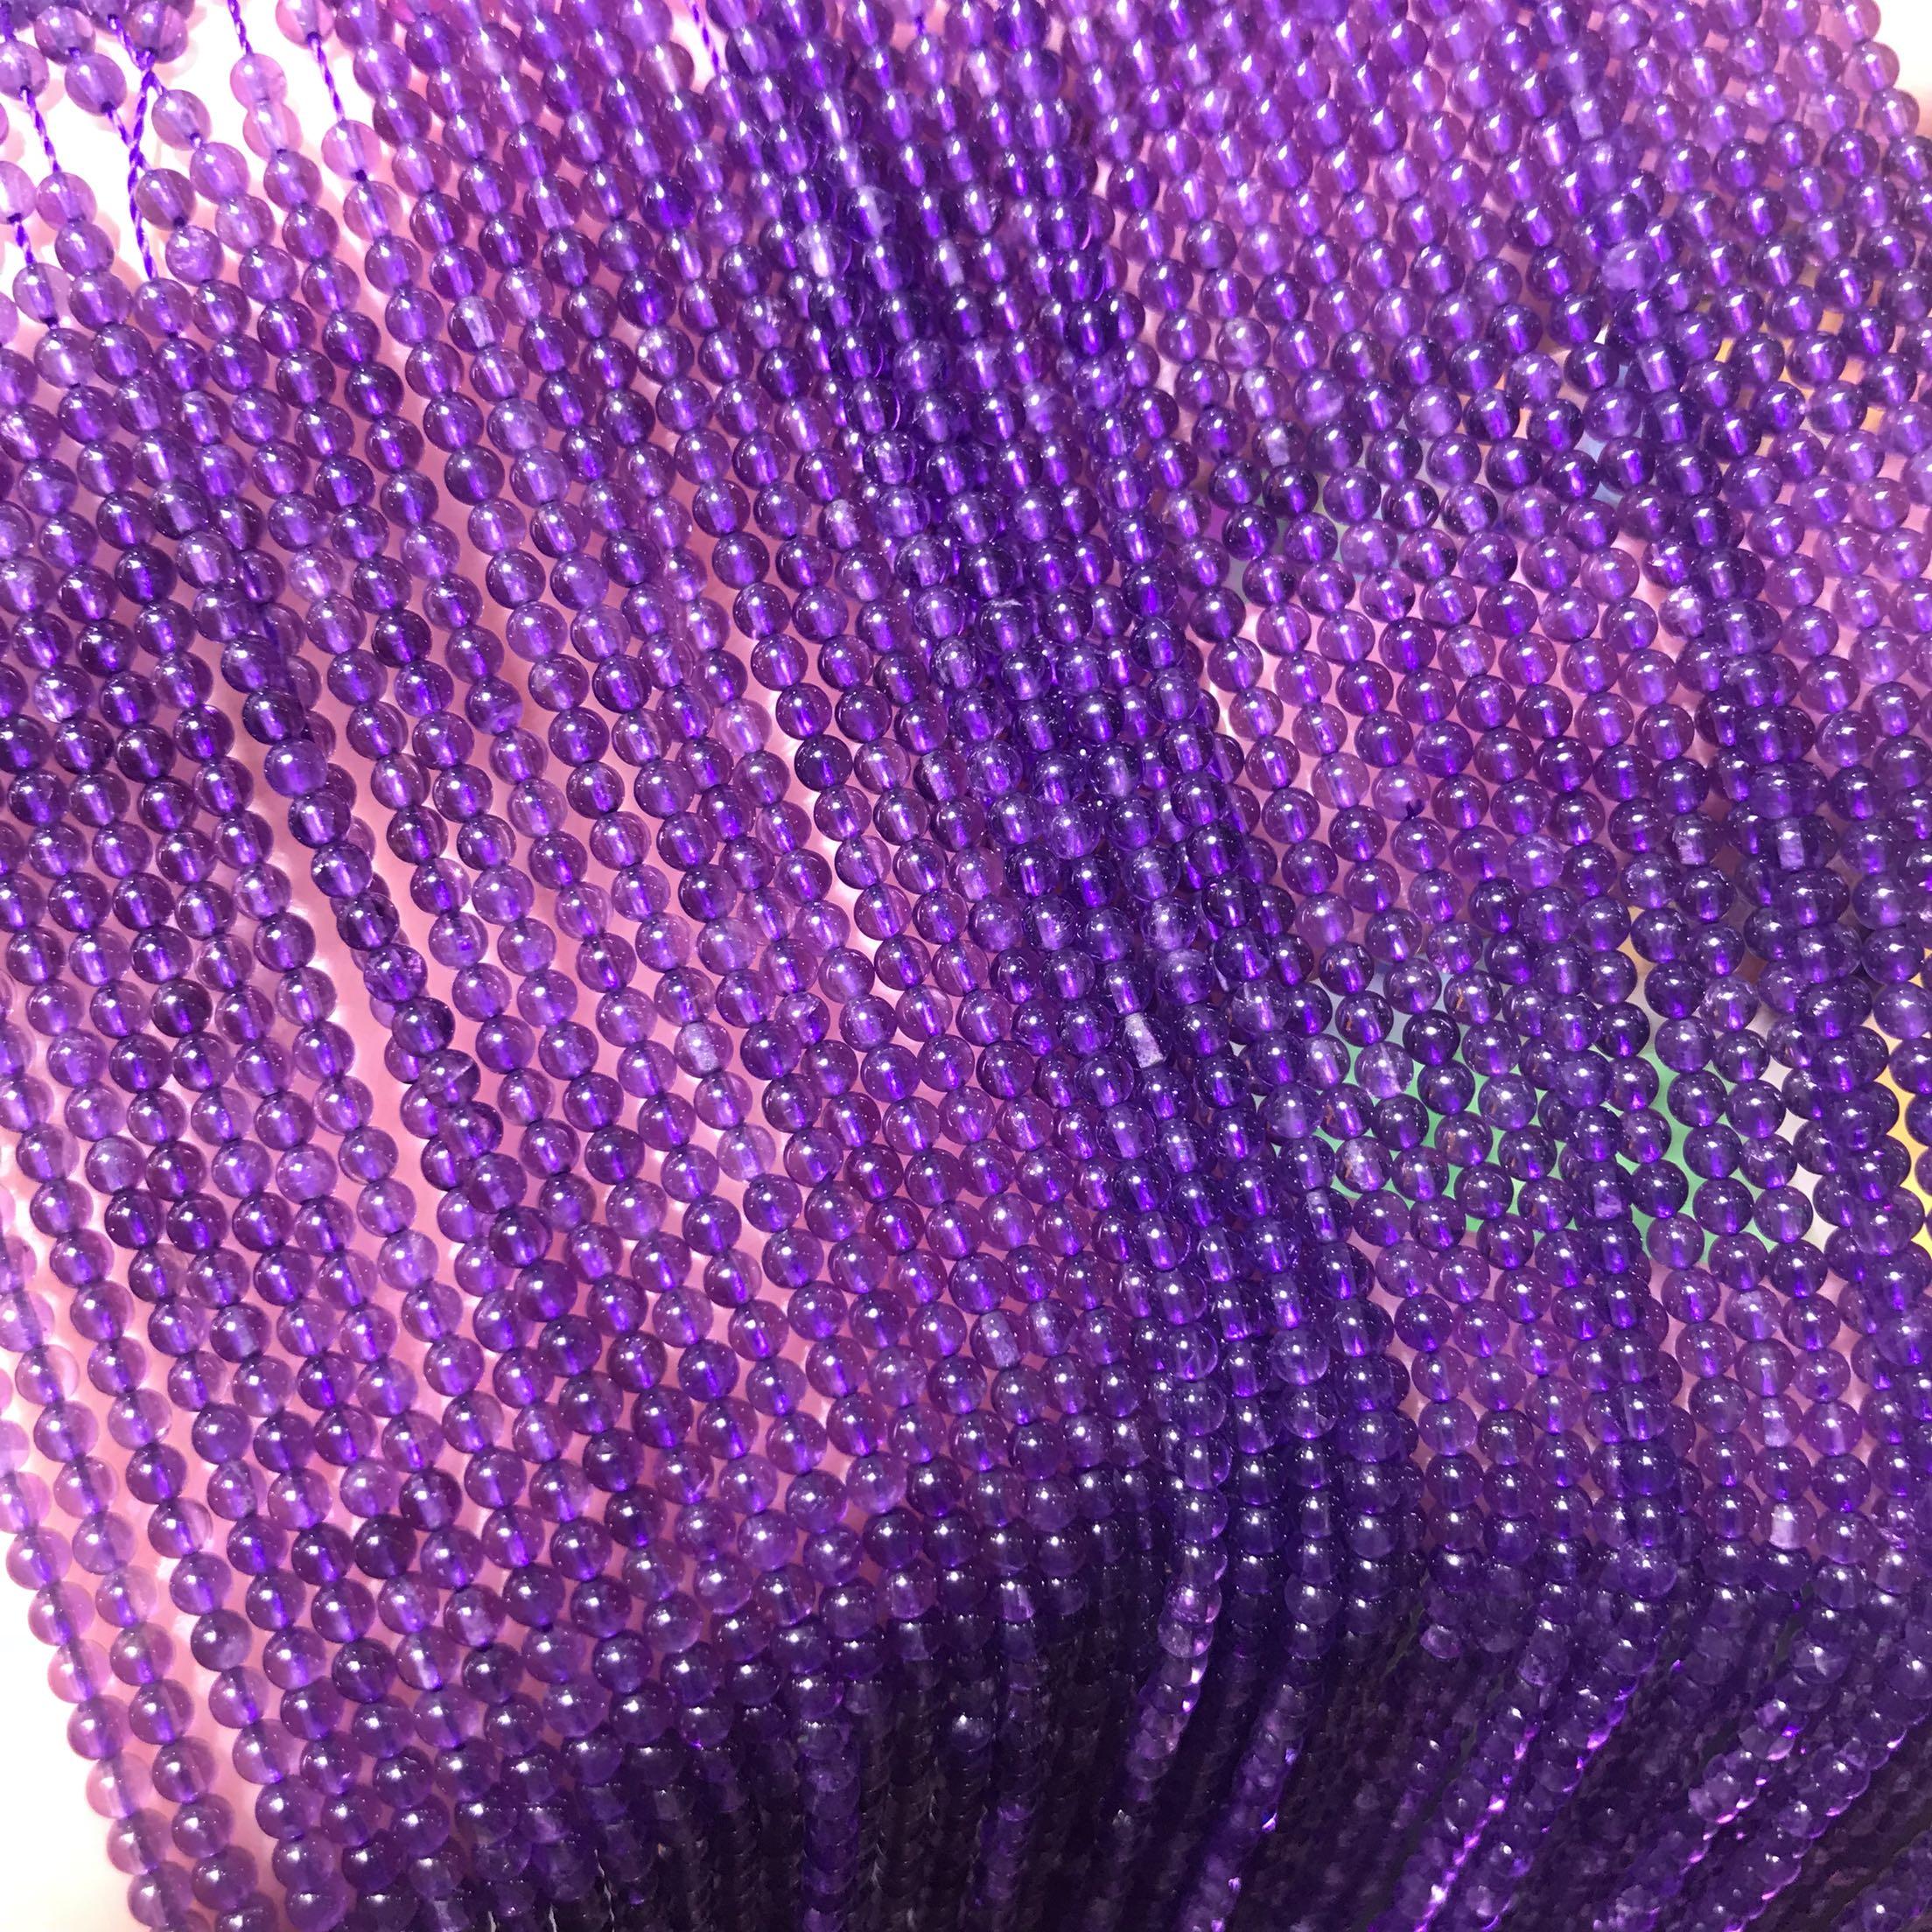 纯天然乌拉圭紫水晶圆珠小颗粒半成品散珠米珠隔珠串珠穿手链项链